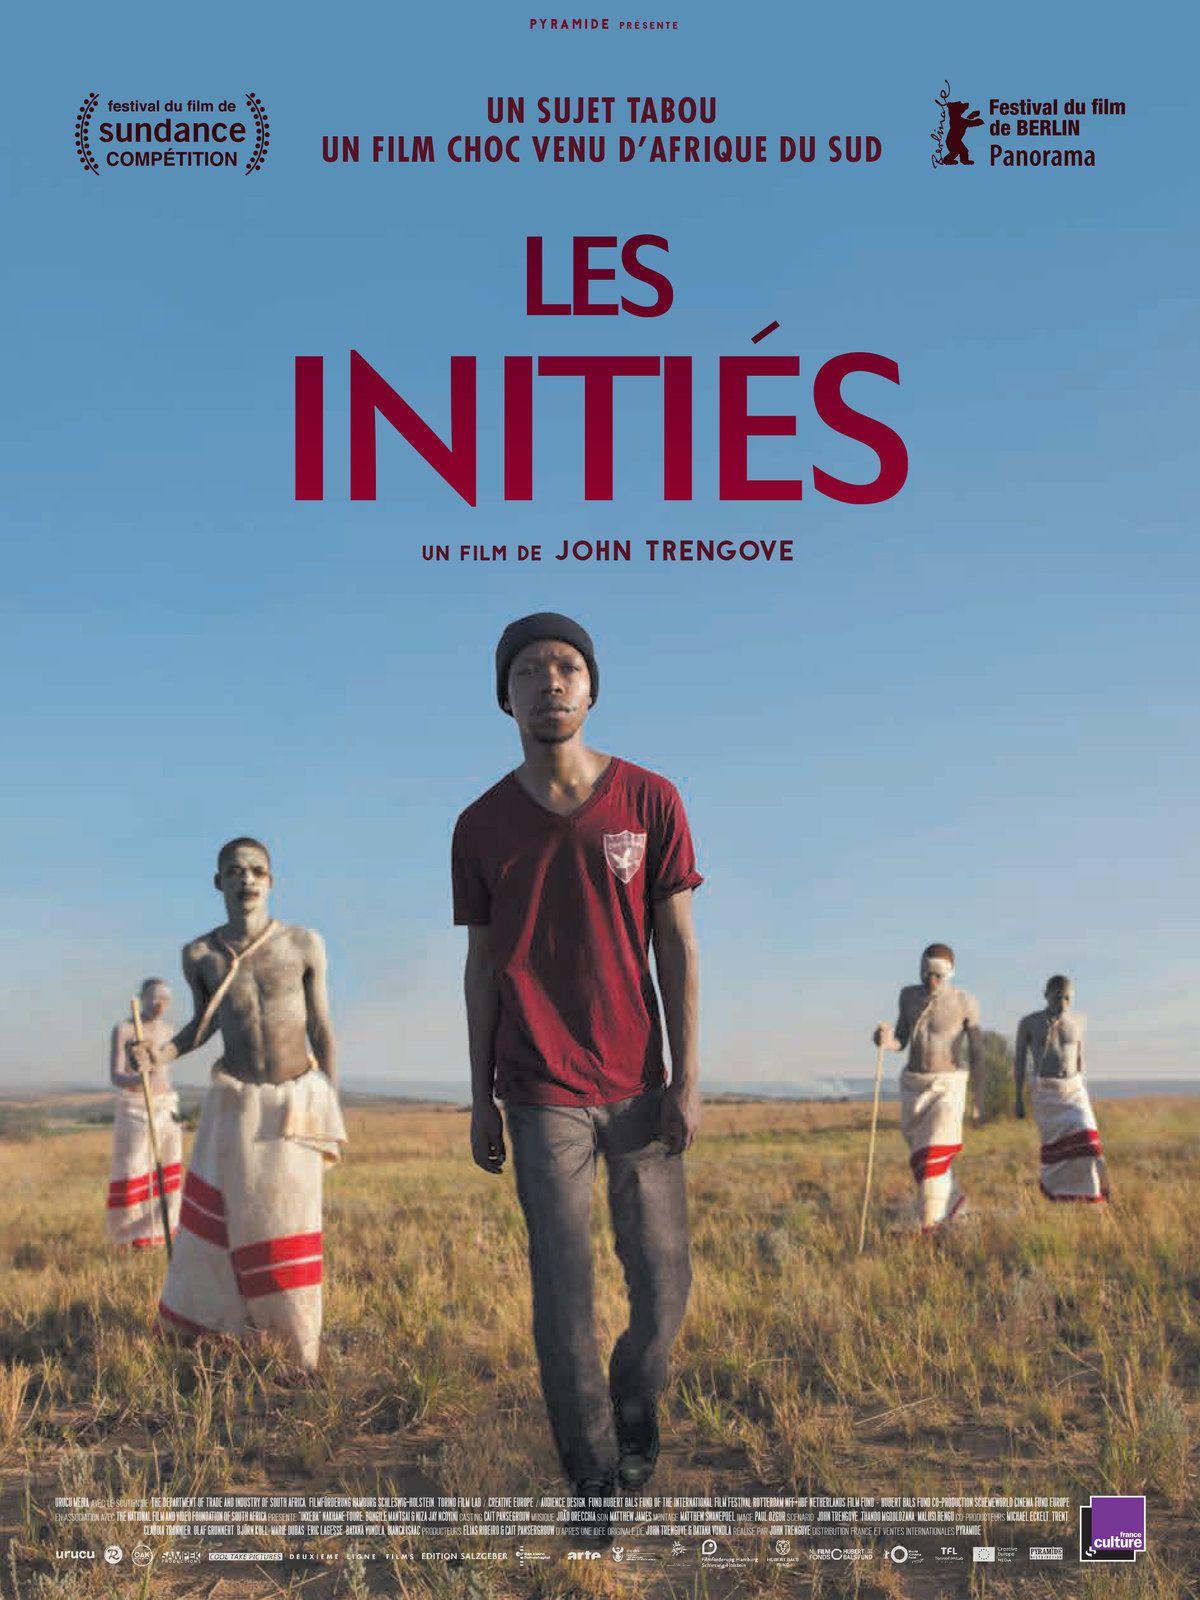 Bande-annonce du film LES INITIÉS : un sujet tabou, un film choc // Au cinéma le 19 avril 2017 !